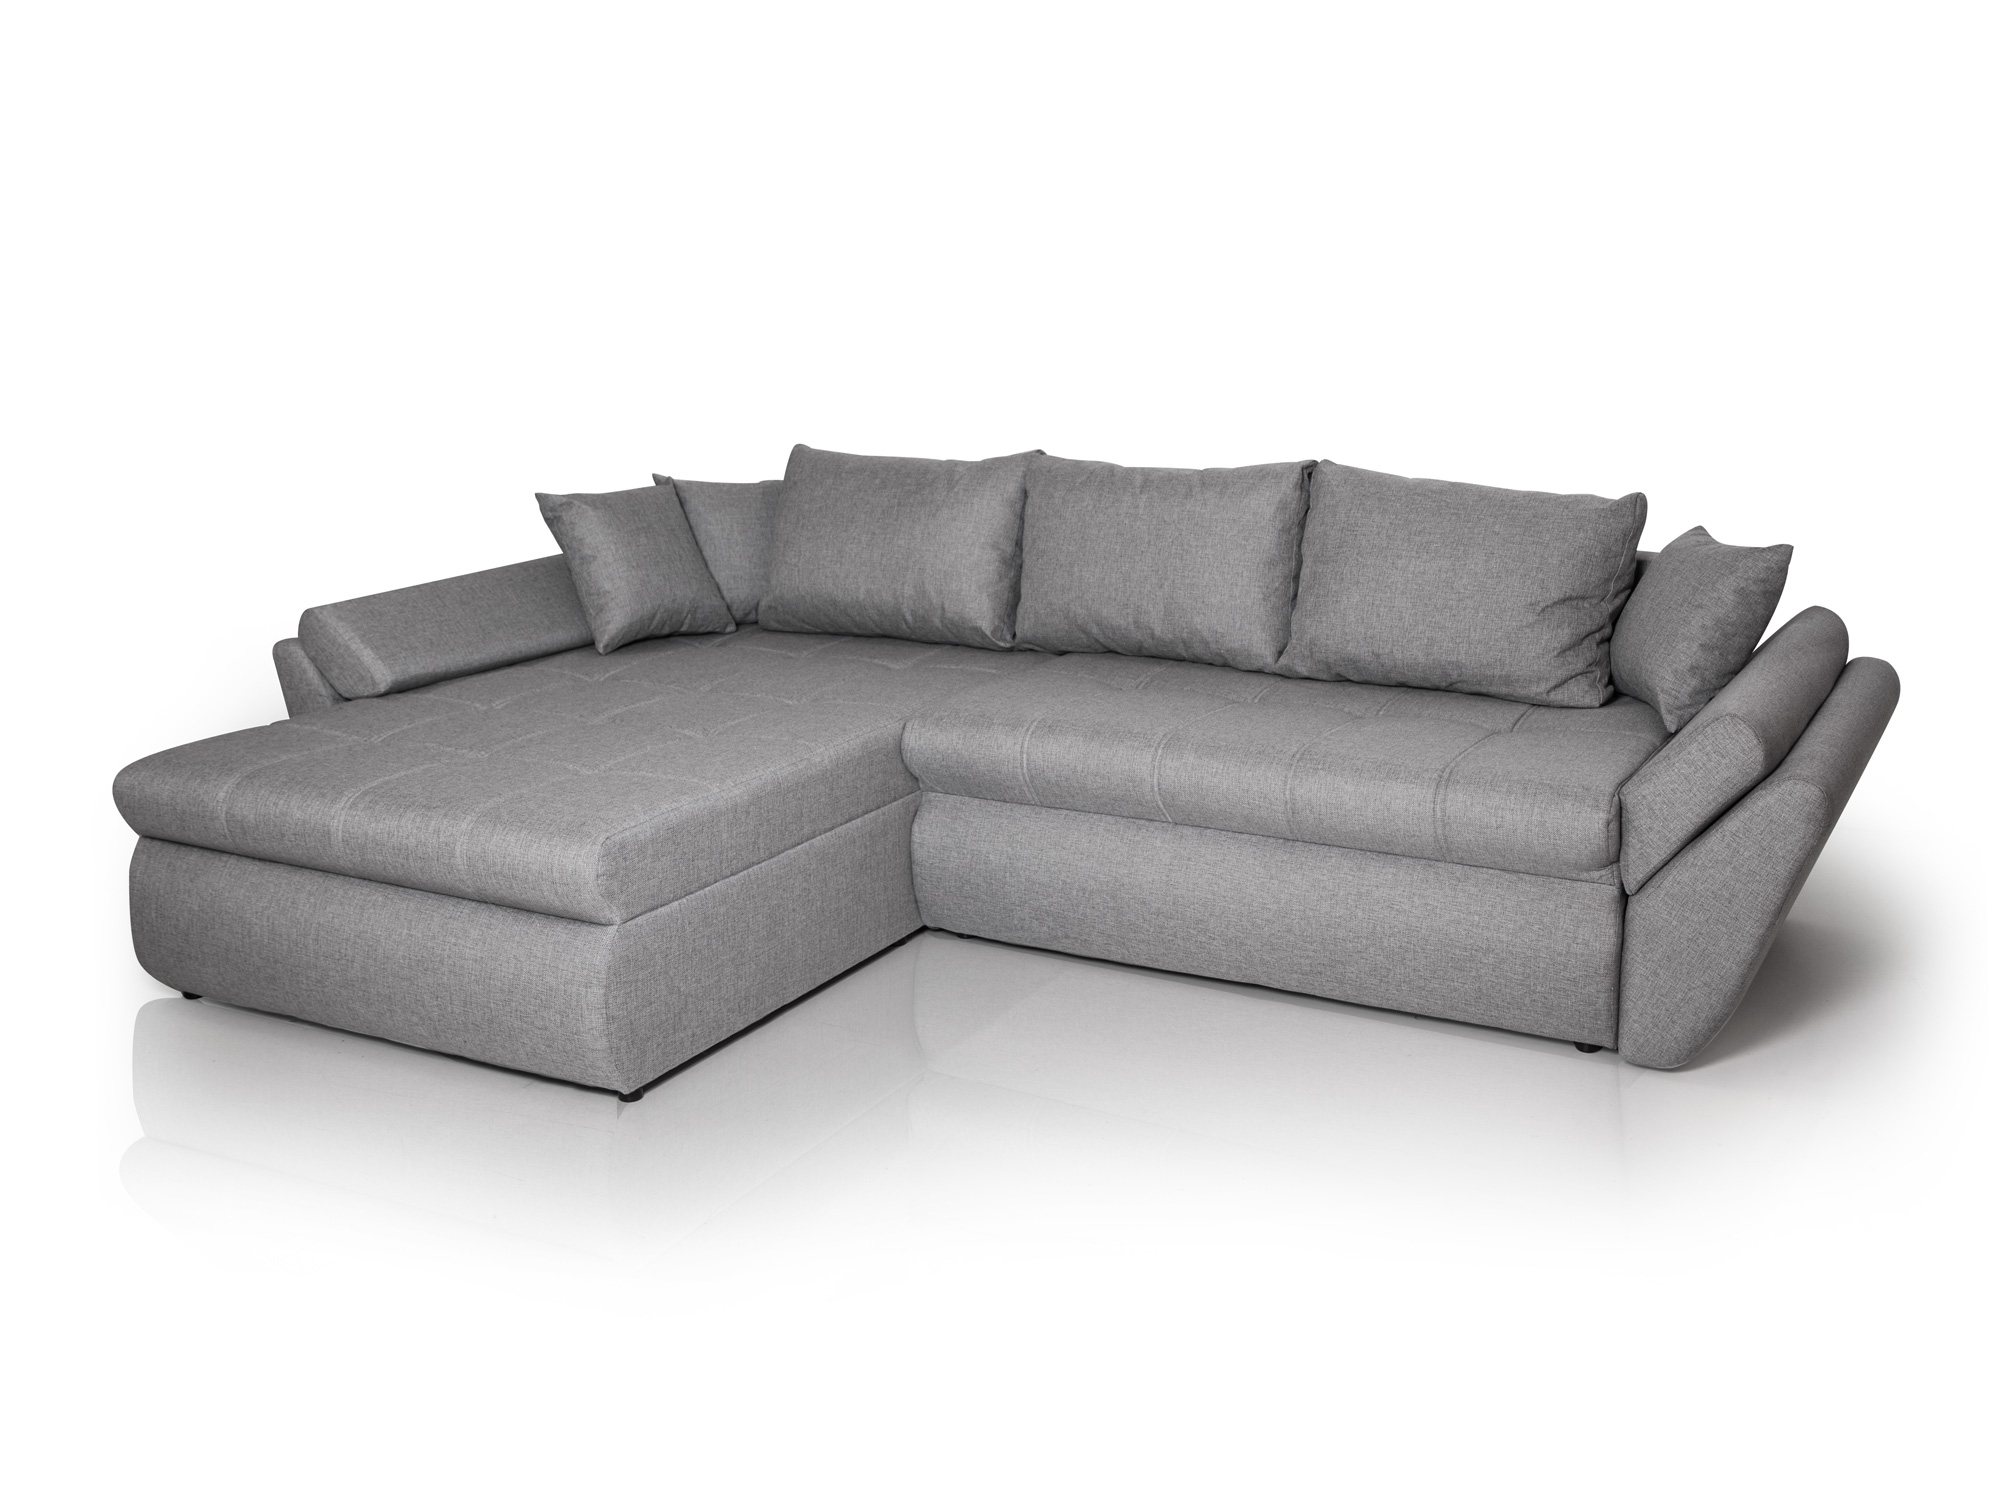 lanzarote ecksofa stoff hellgrau. Black Bedroom Furniture Sets. Home Design Ideas